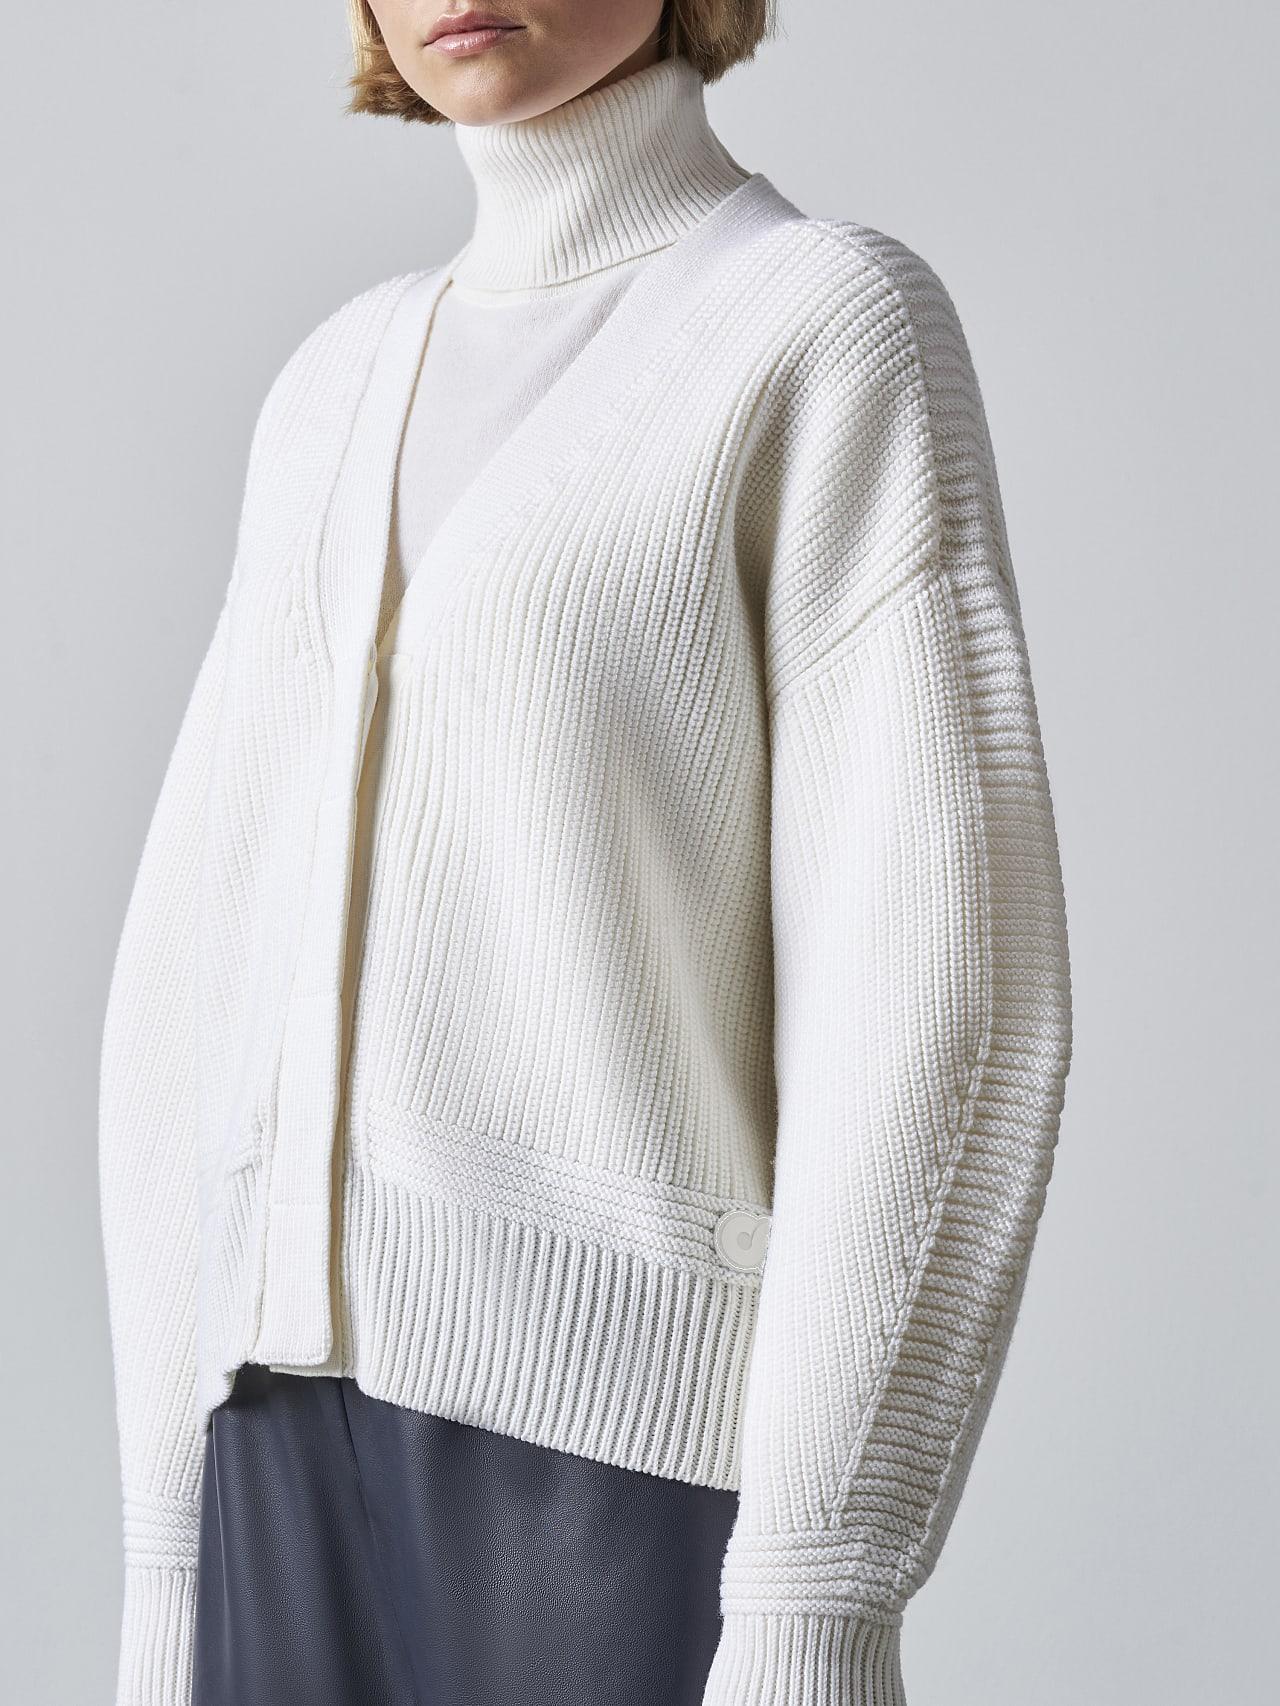 FREDA V1.Y5.02 Chunky Merino Wool Cardigan offwhite Right Alpha Tauri